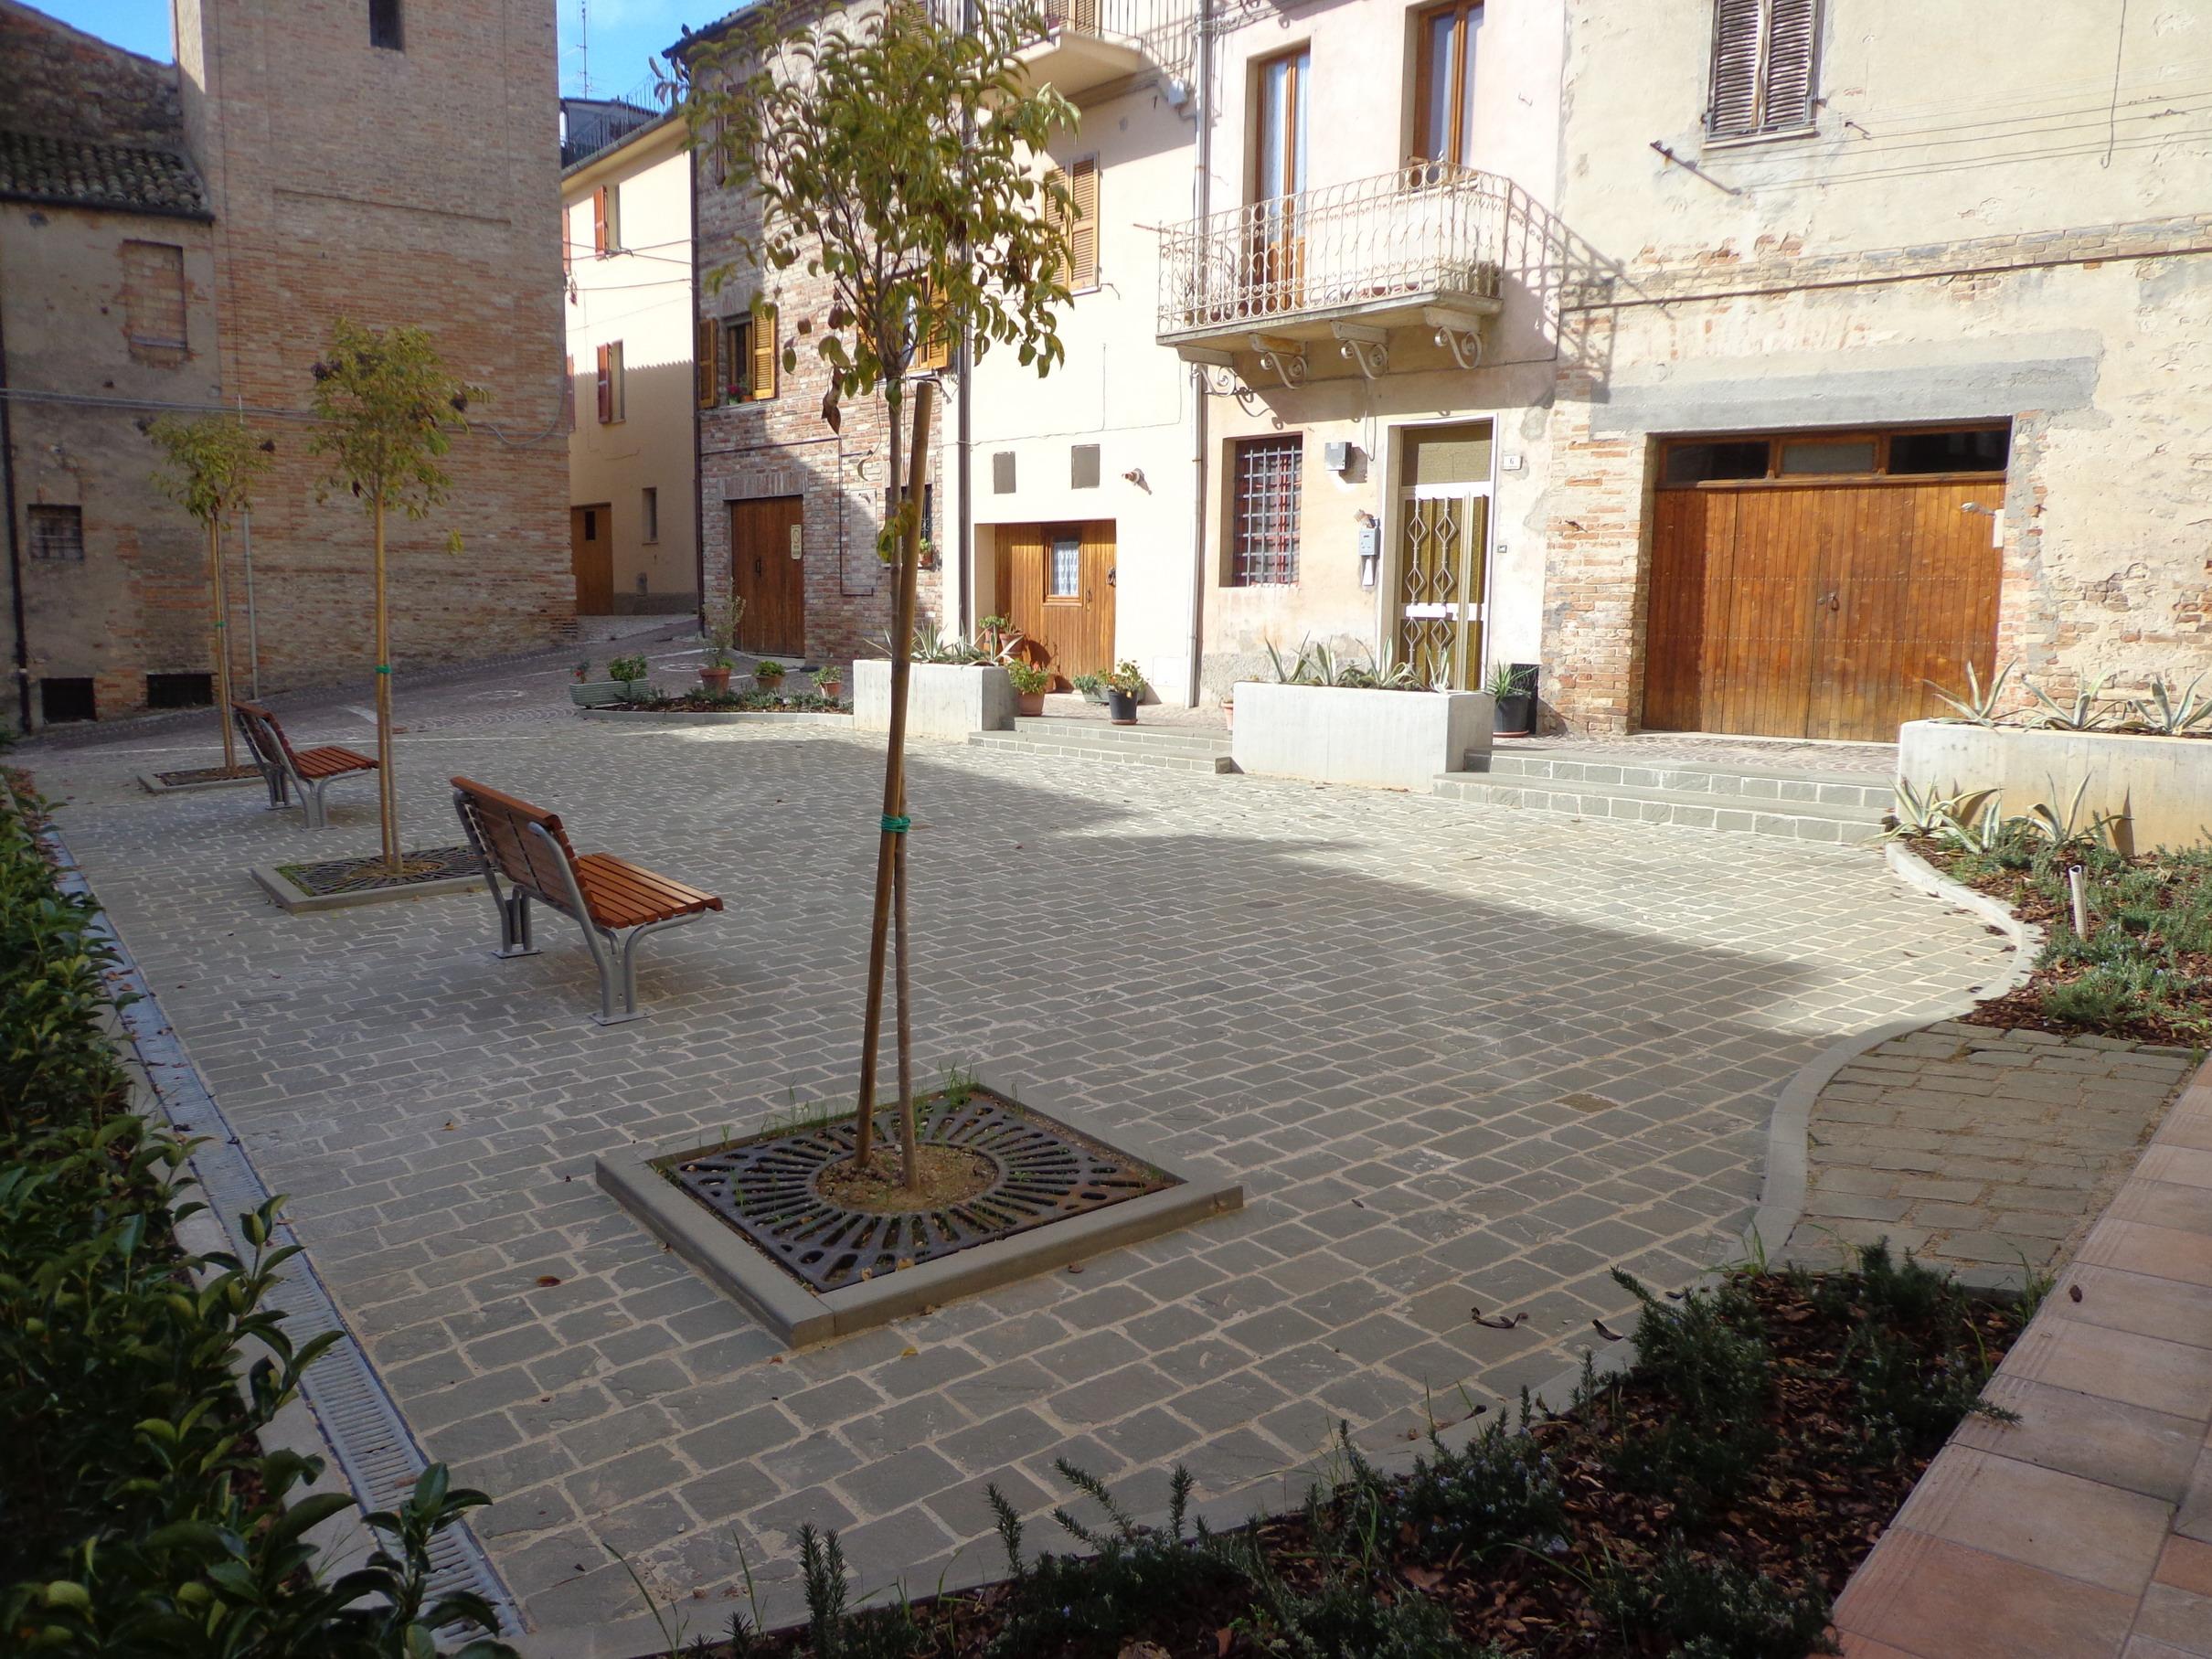 Piazza Damiani